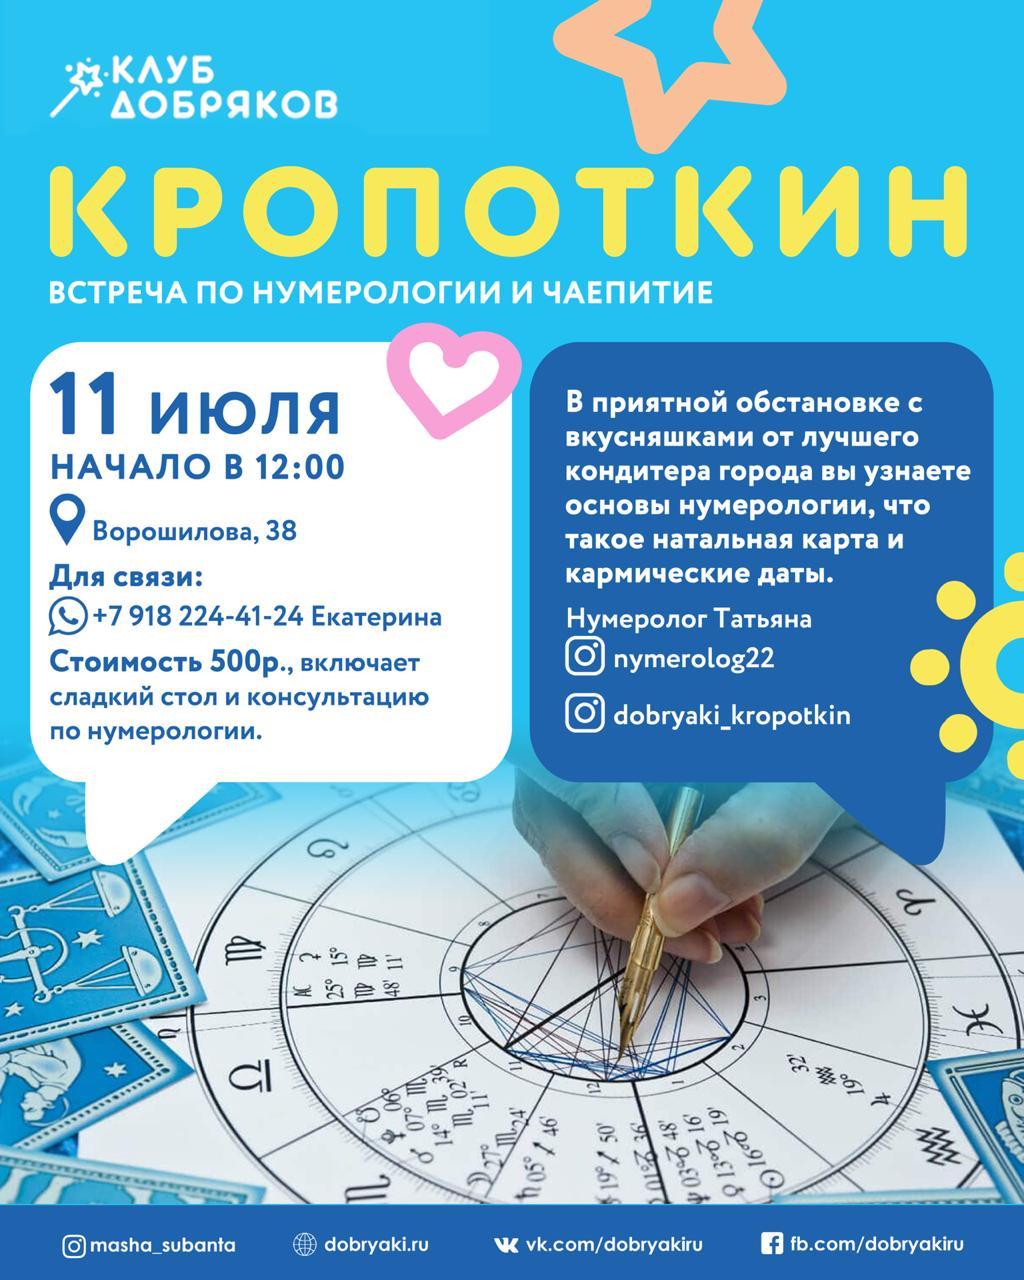 В Кропоткине пройдет встреча по нумерологии